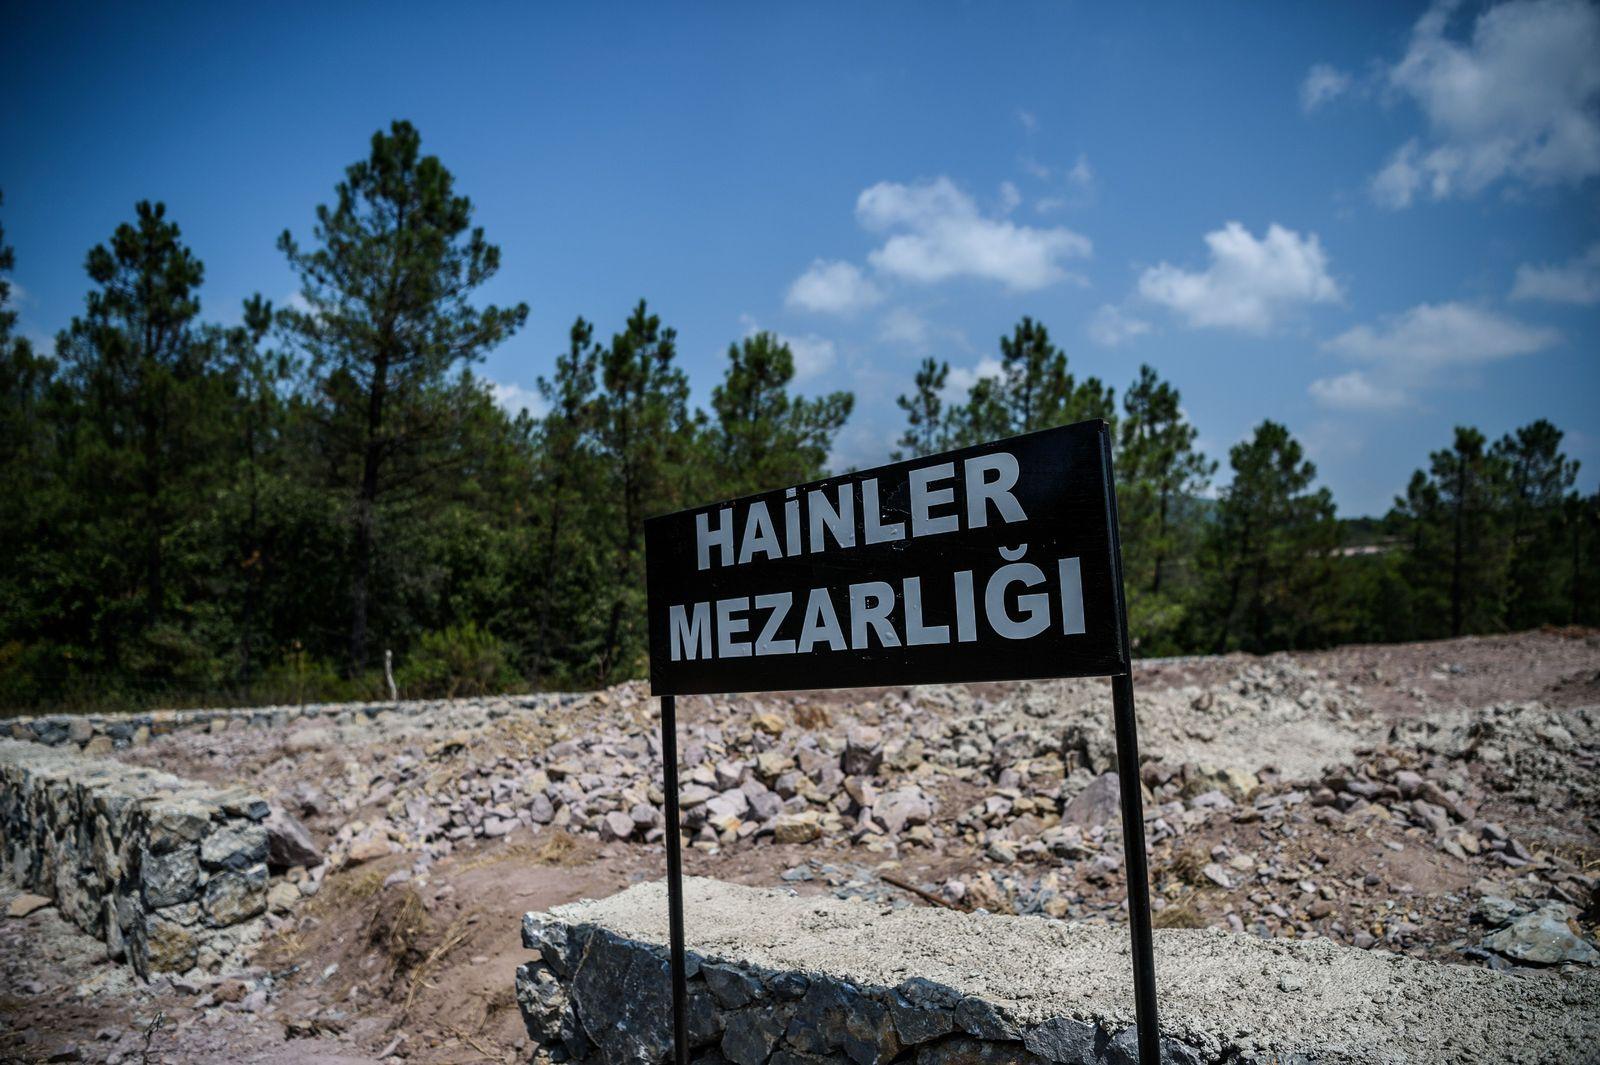 Türkei/ Friedhof/ Putsch